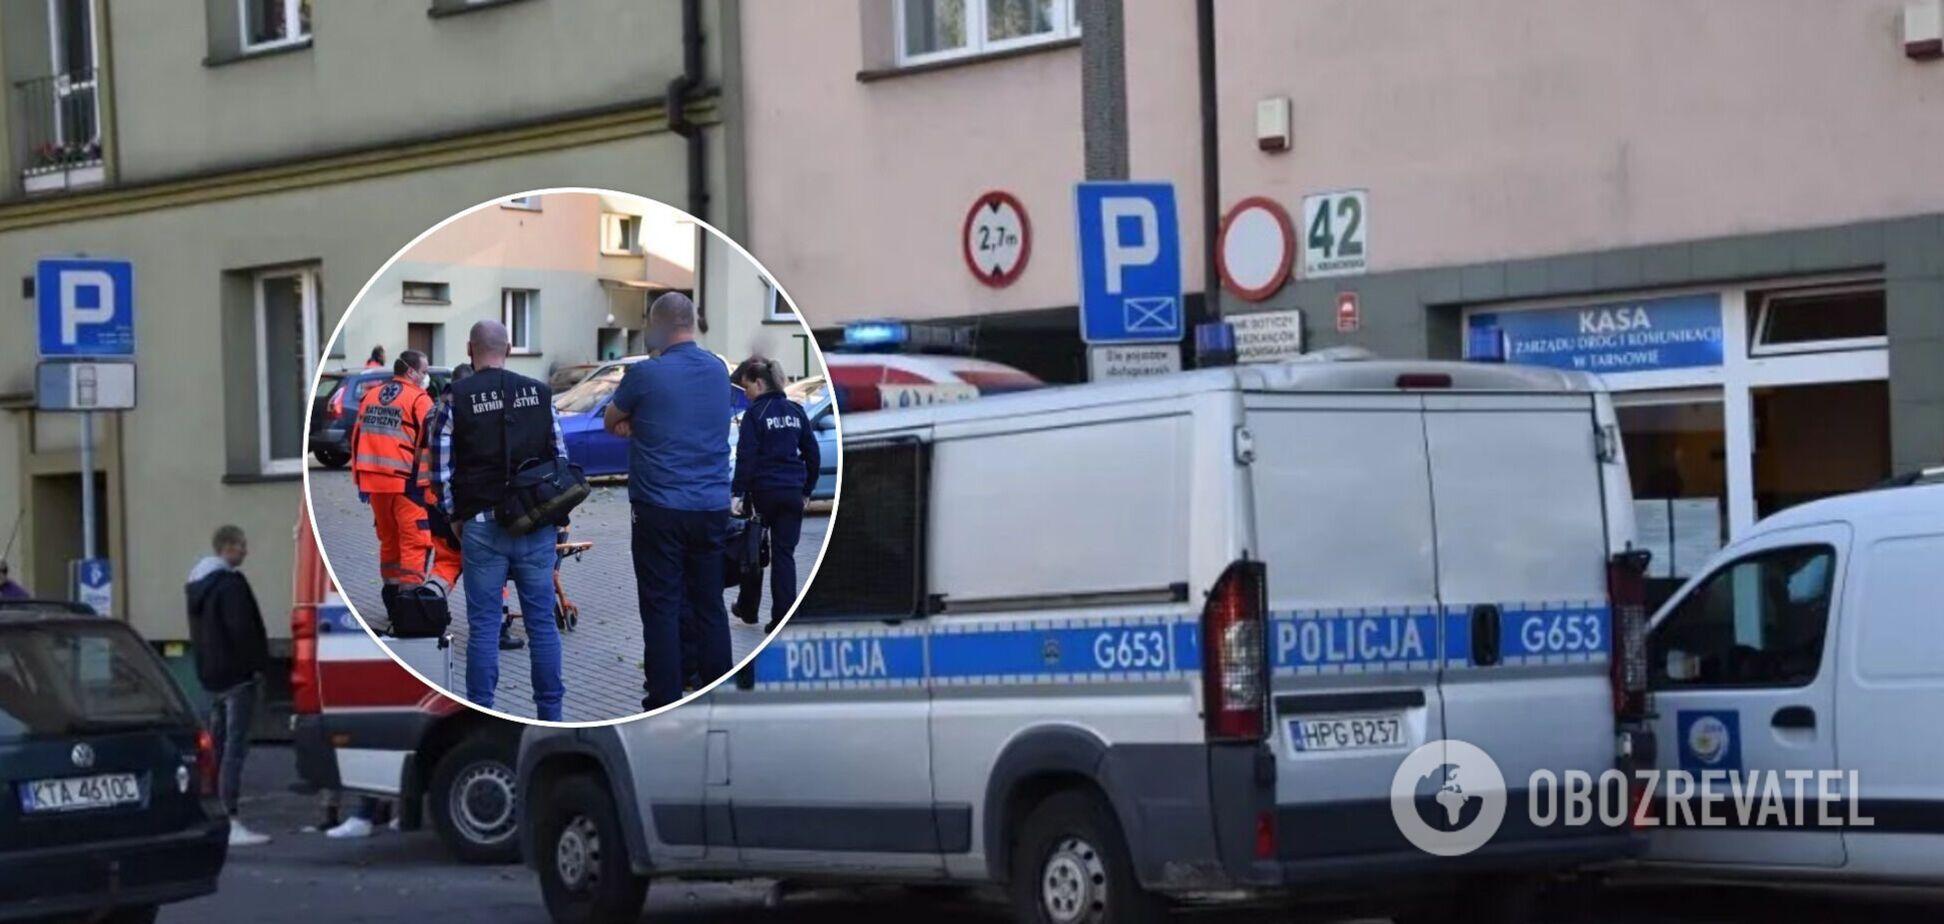 Напав із ножем на сина з дружиною і вистрибнув із вікна: з'явилися деталі вбивства 7-річного українця в Польщі